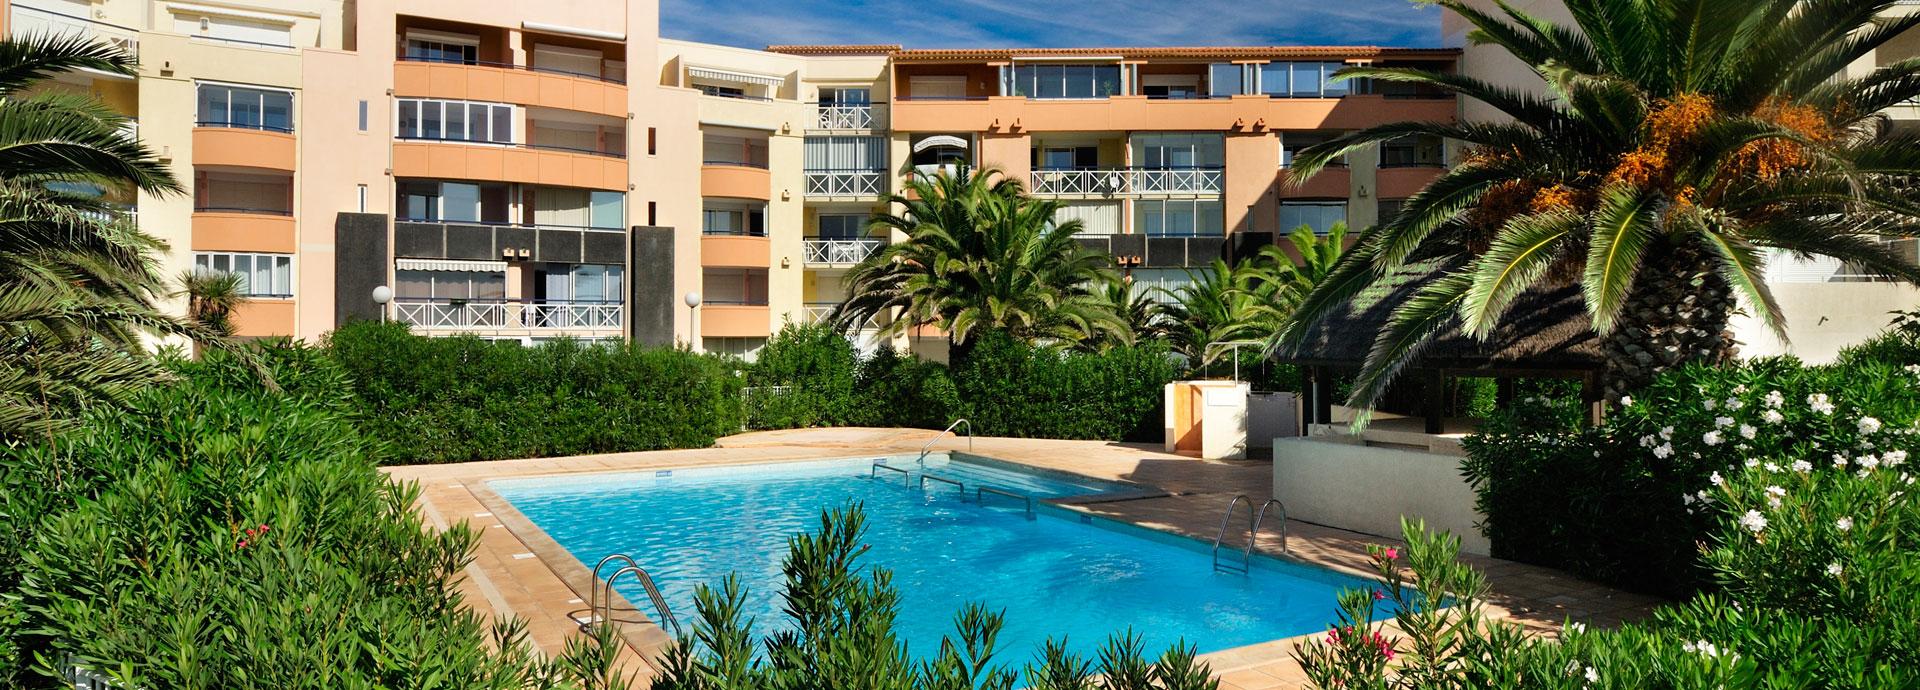 Location vacances cap d 39 agde languedoc roussillon for Cap d agde jardin d eden